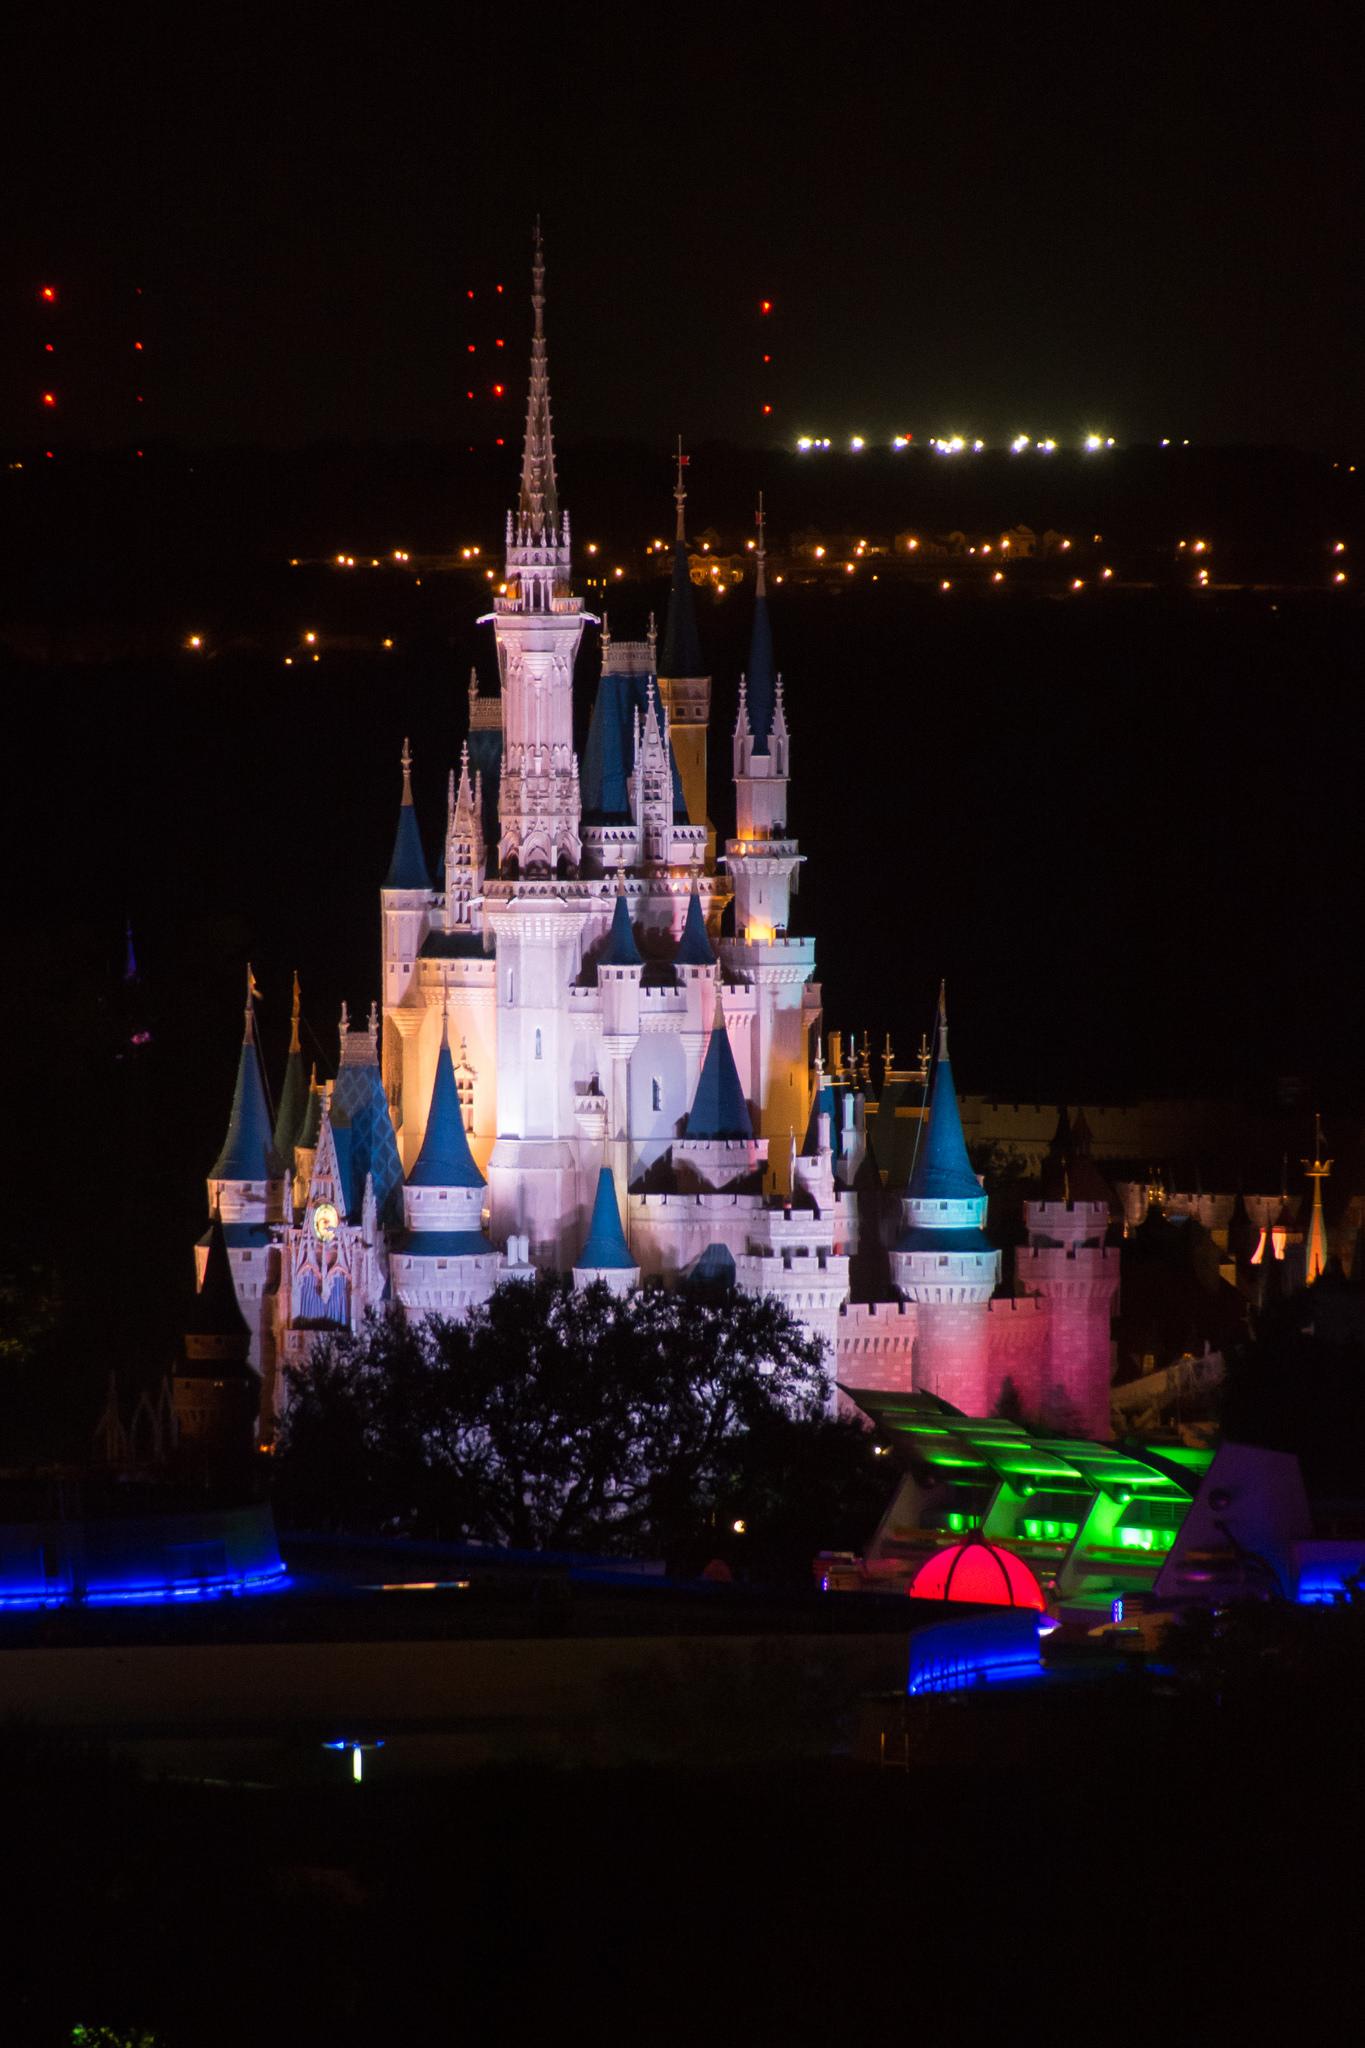 Cinderella's Caste (Disney) - Orlando